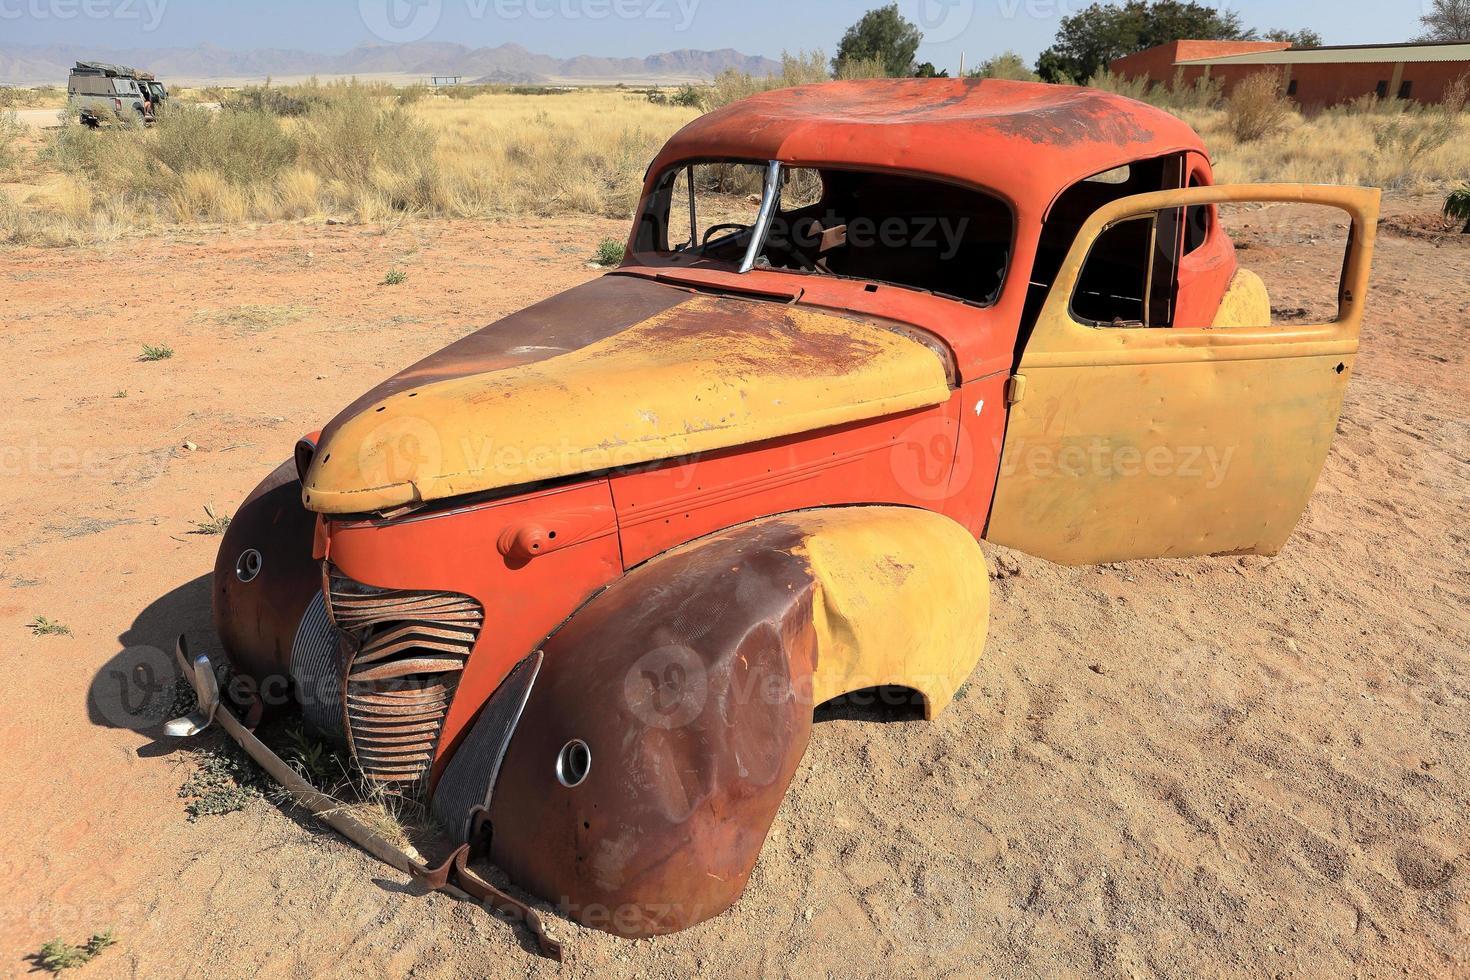 schrottautos in Namibië foto